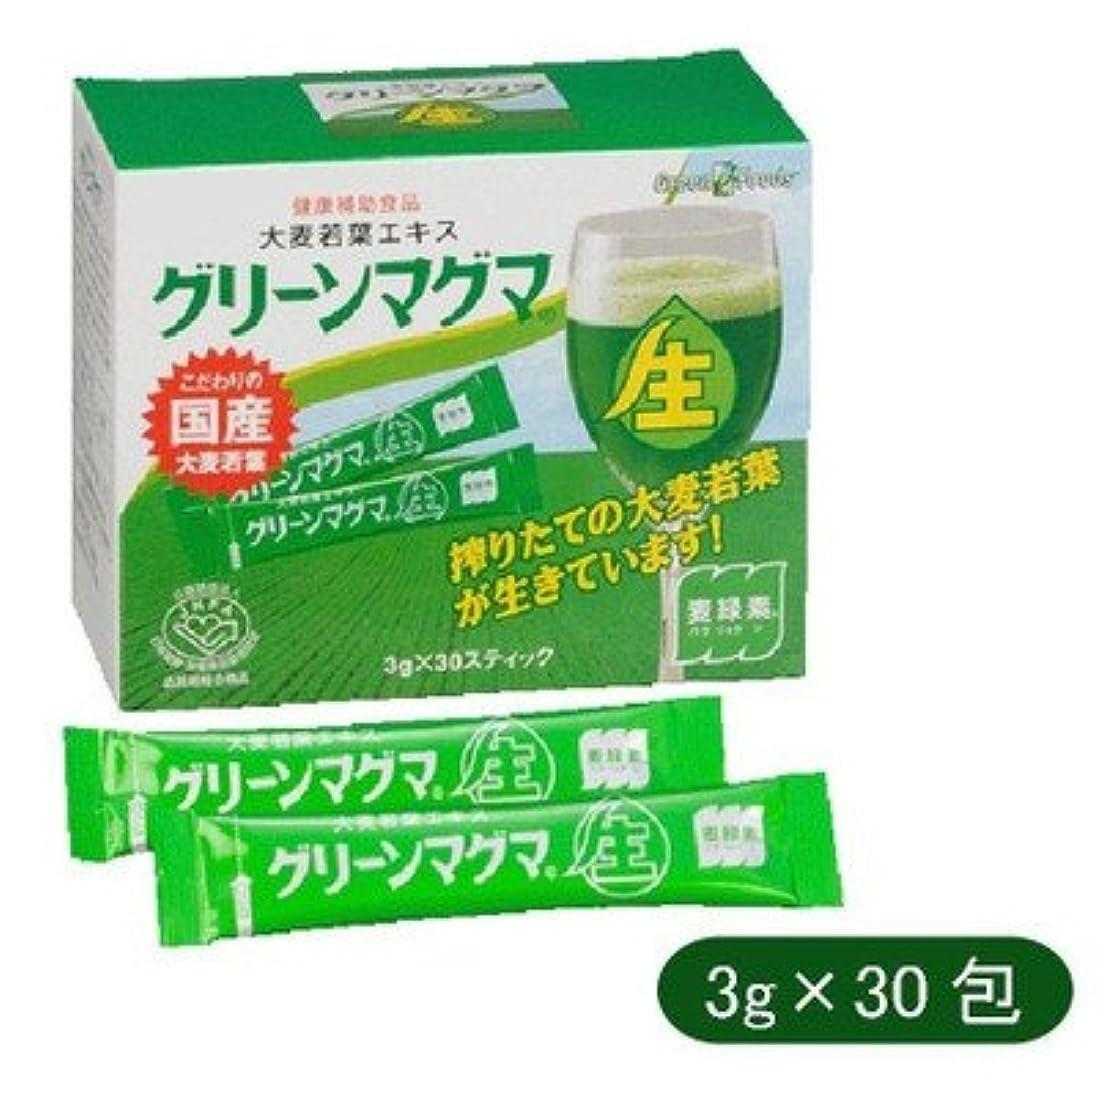 存在嵐が丘通路日本薬品開発 大麦若葉エキス グリーンマグマ 3g×30包 642670